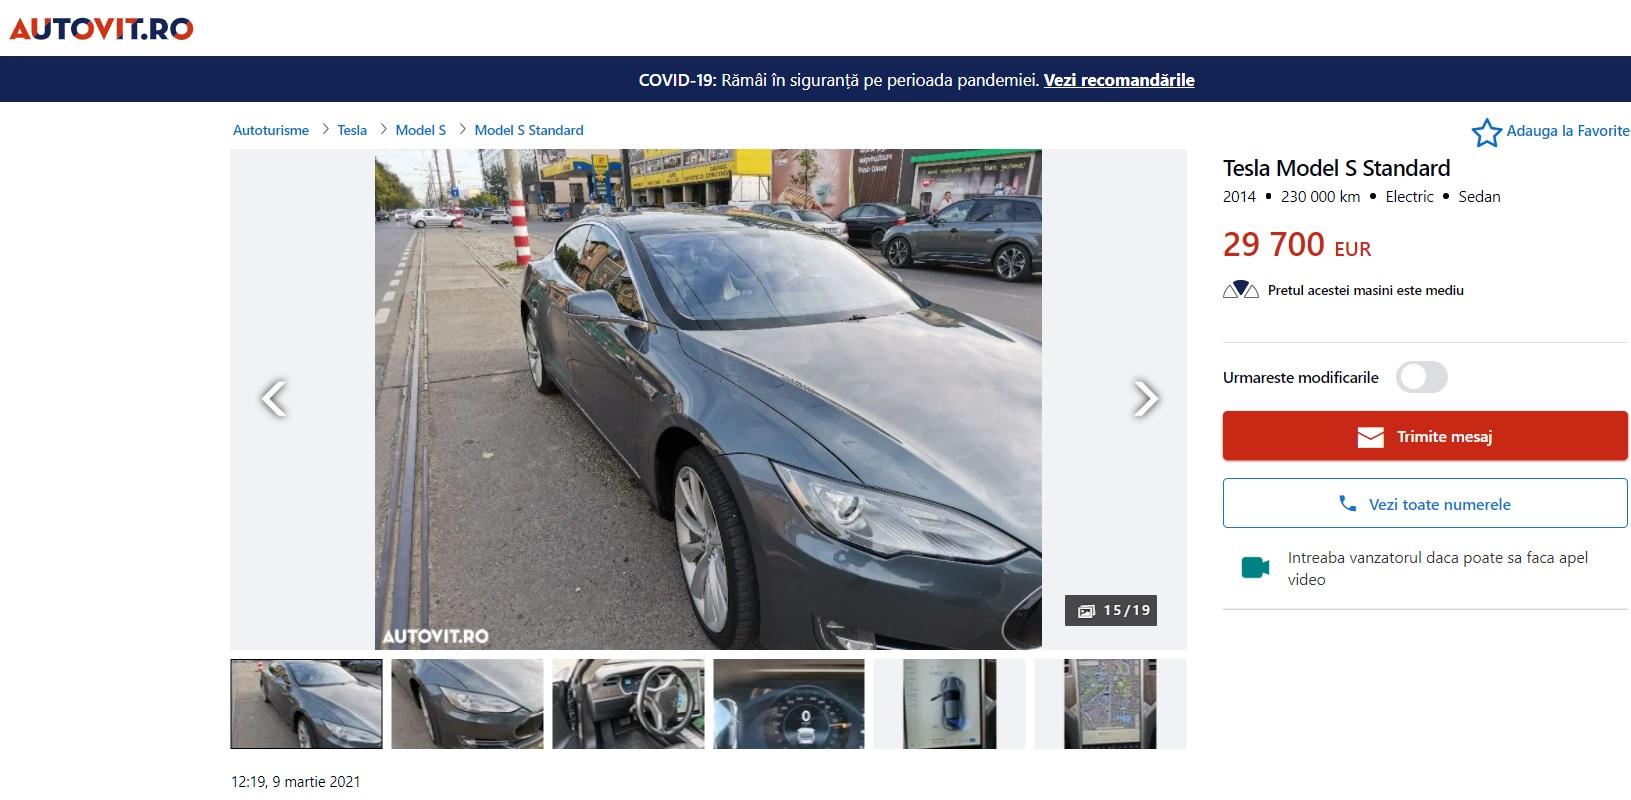 """Cel mai nepotrivit loc unde să faci poze la o mașină. """"Shooting"""" cu o Tesla chiar pe linia de tramvai - FOTO"""